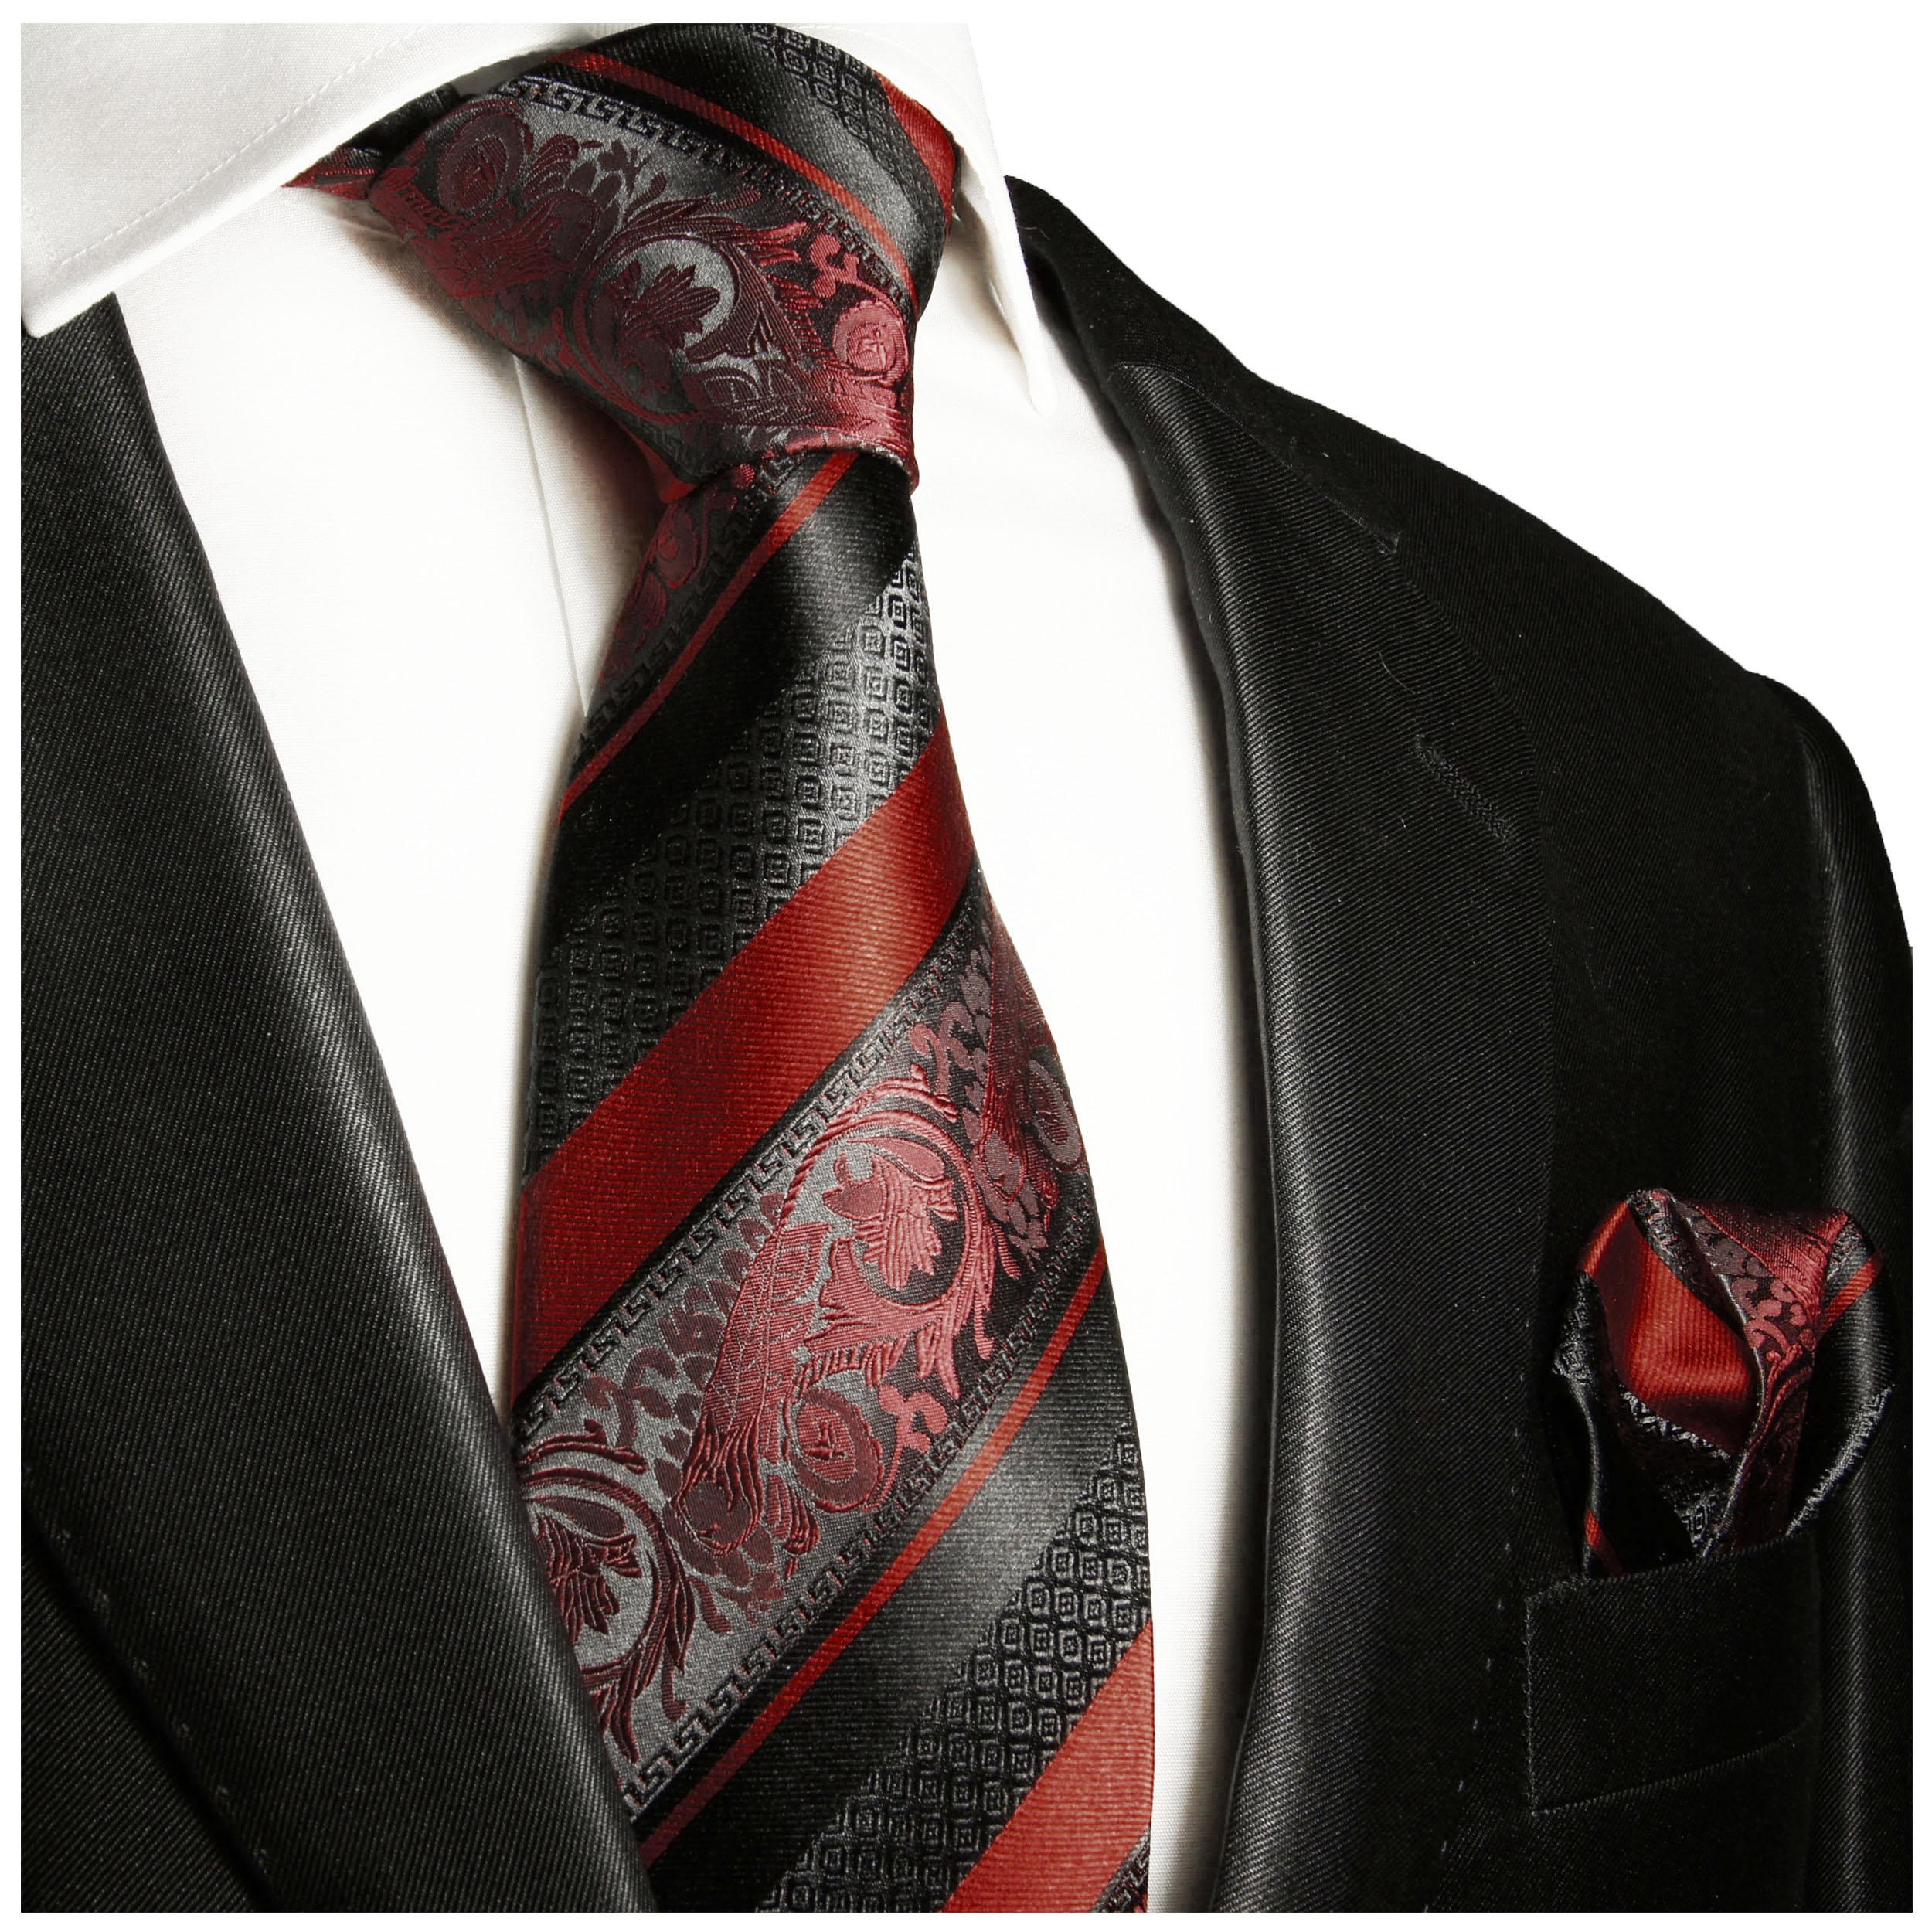 cc759c754934 Silk Necktie Set 2pcs. Tie + Handkerchief dark red black striped 2032 -  Paul Malone Shop